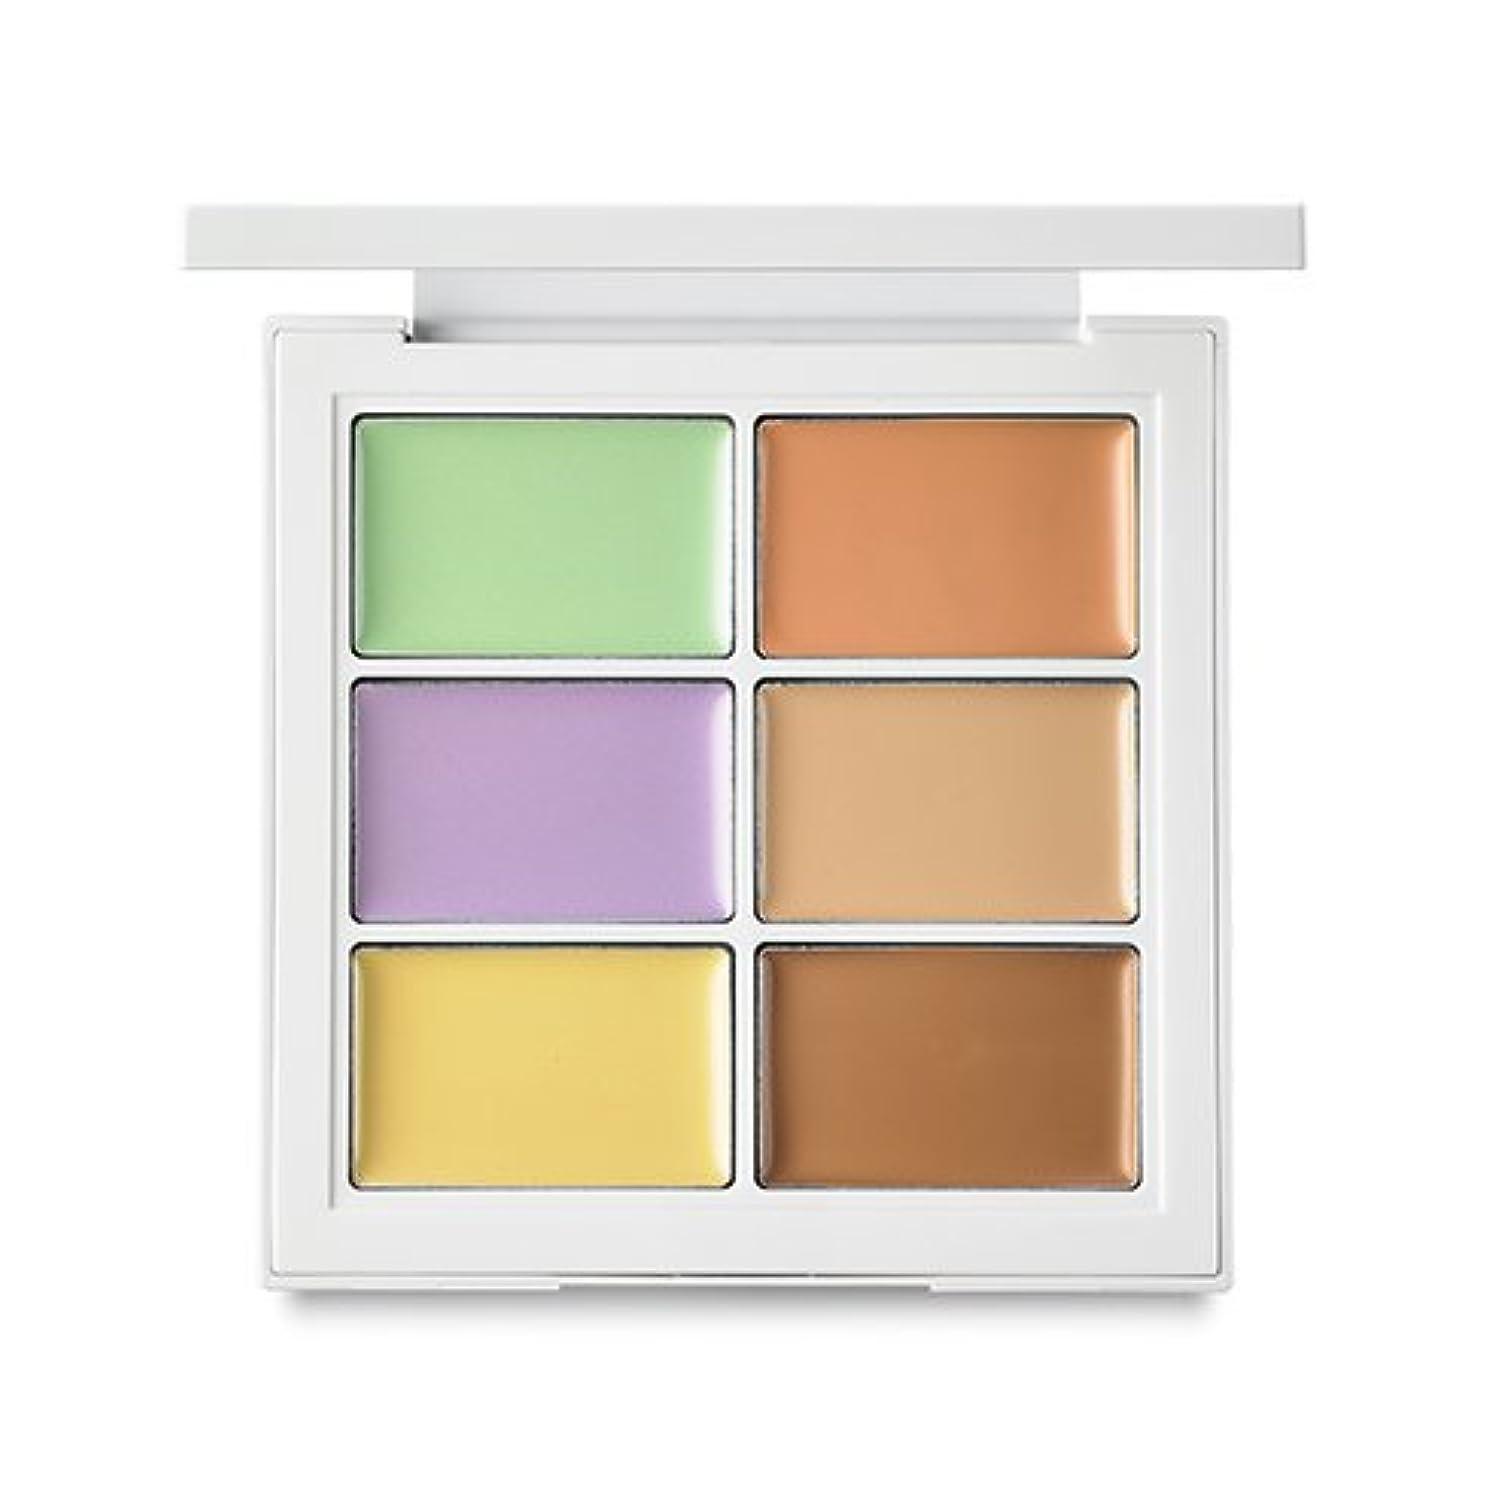 外交スマート理論BANILA CO It Radiant CC Color Palette 8.5g/バニラコ イット ラディアント CC カラー パレット 8.5g (#Warm Tone) [並行輸入品]